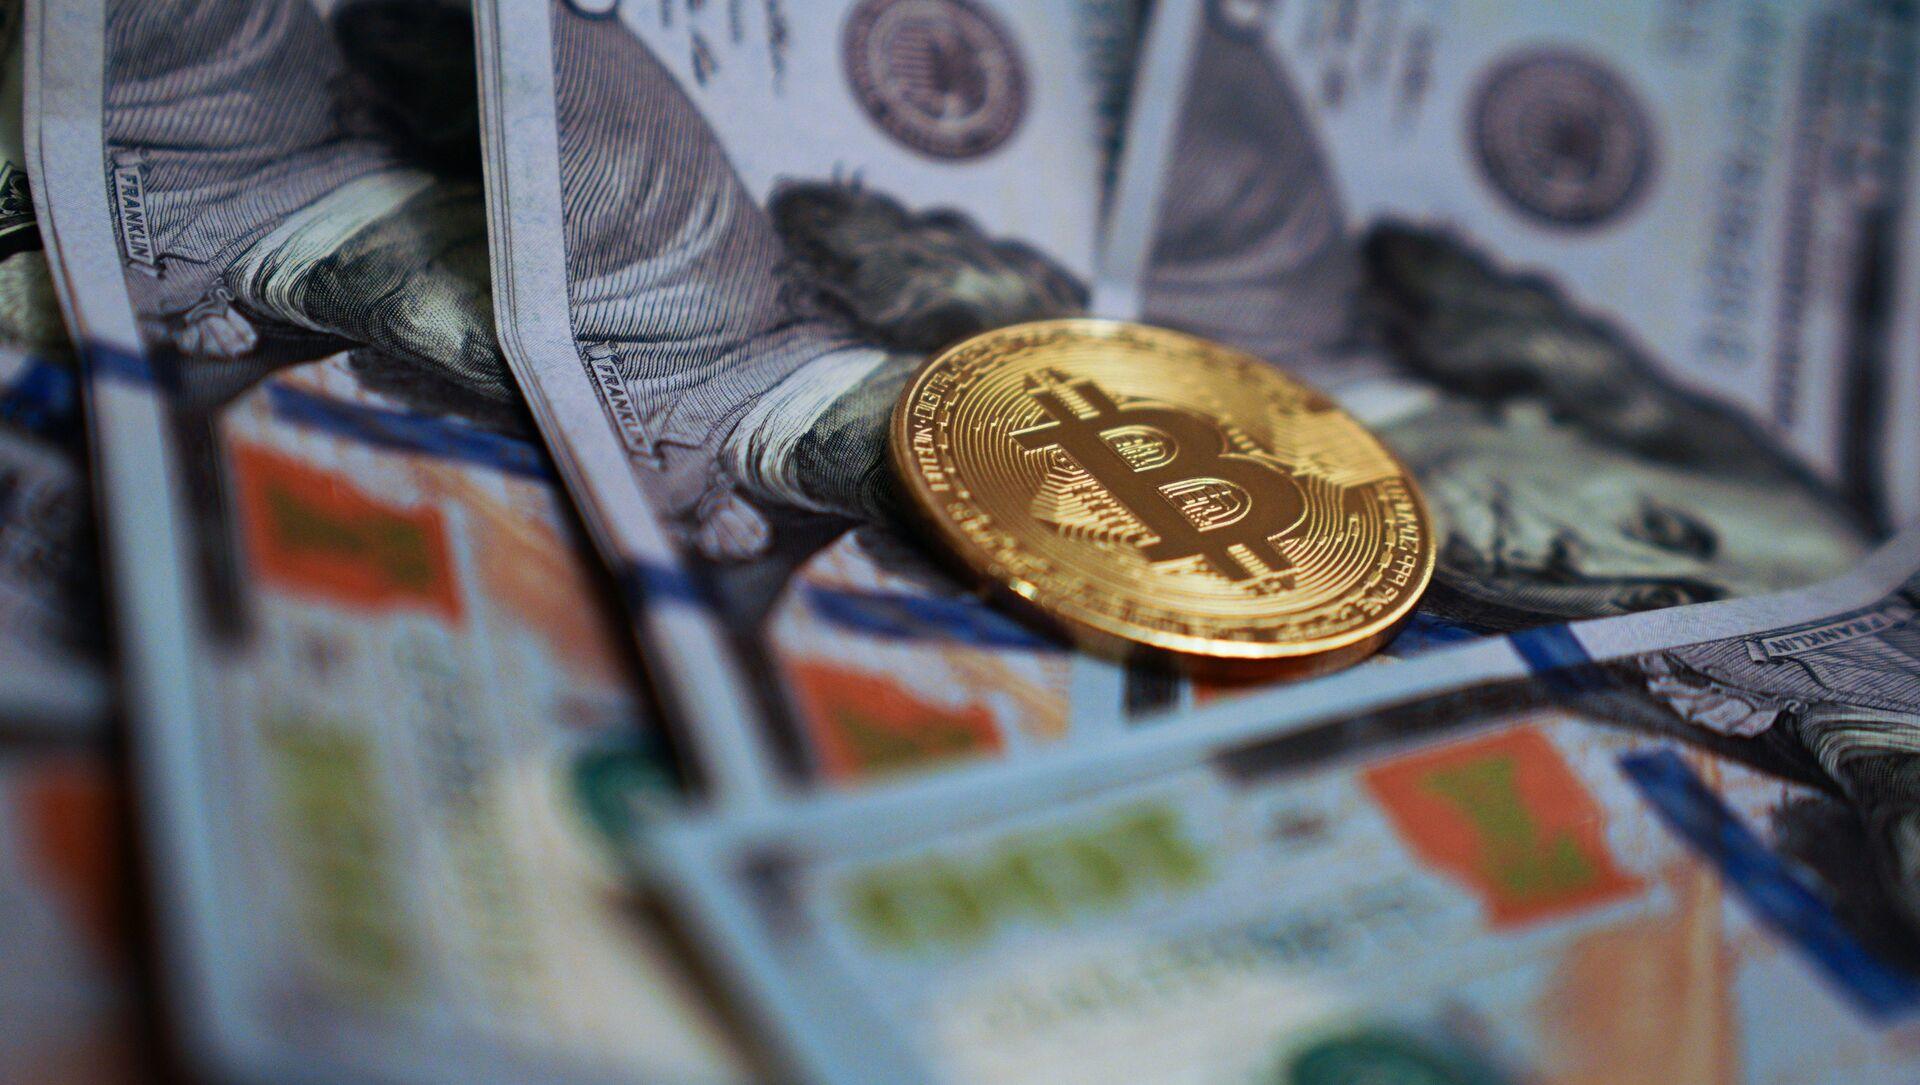 Сувенирная монета с логотипом криптовалюты биткоин. - Sputnik Беларусь, 1920, 13.04.2021